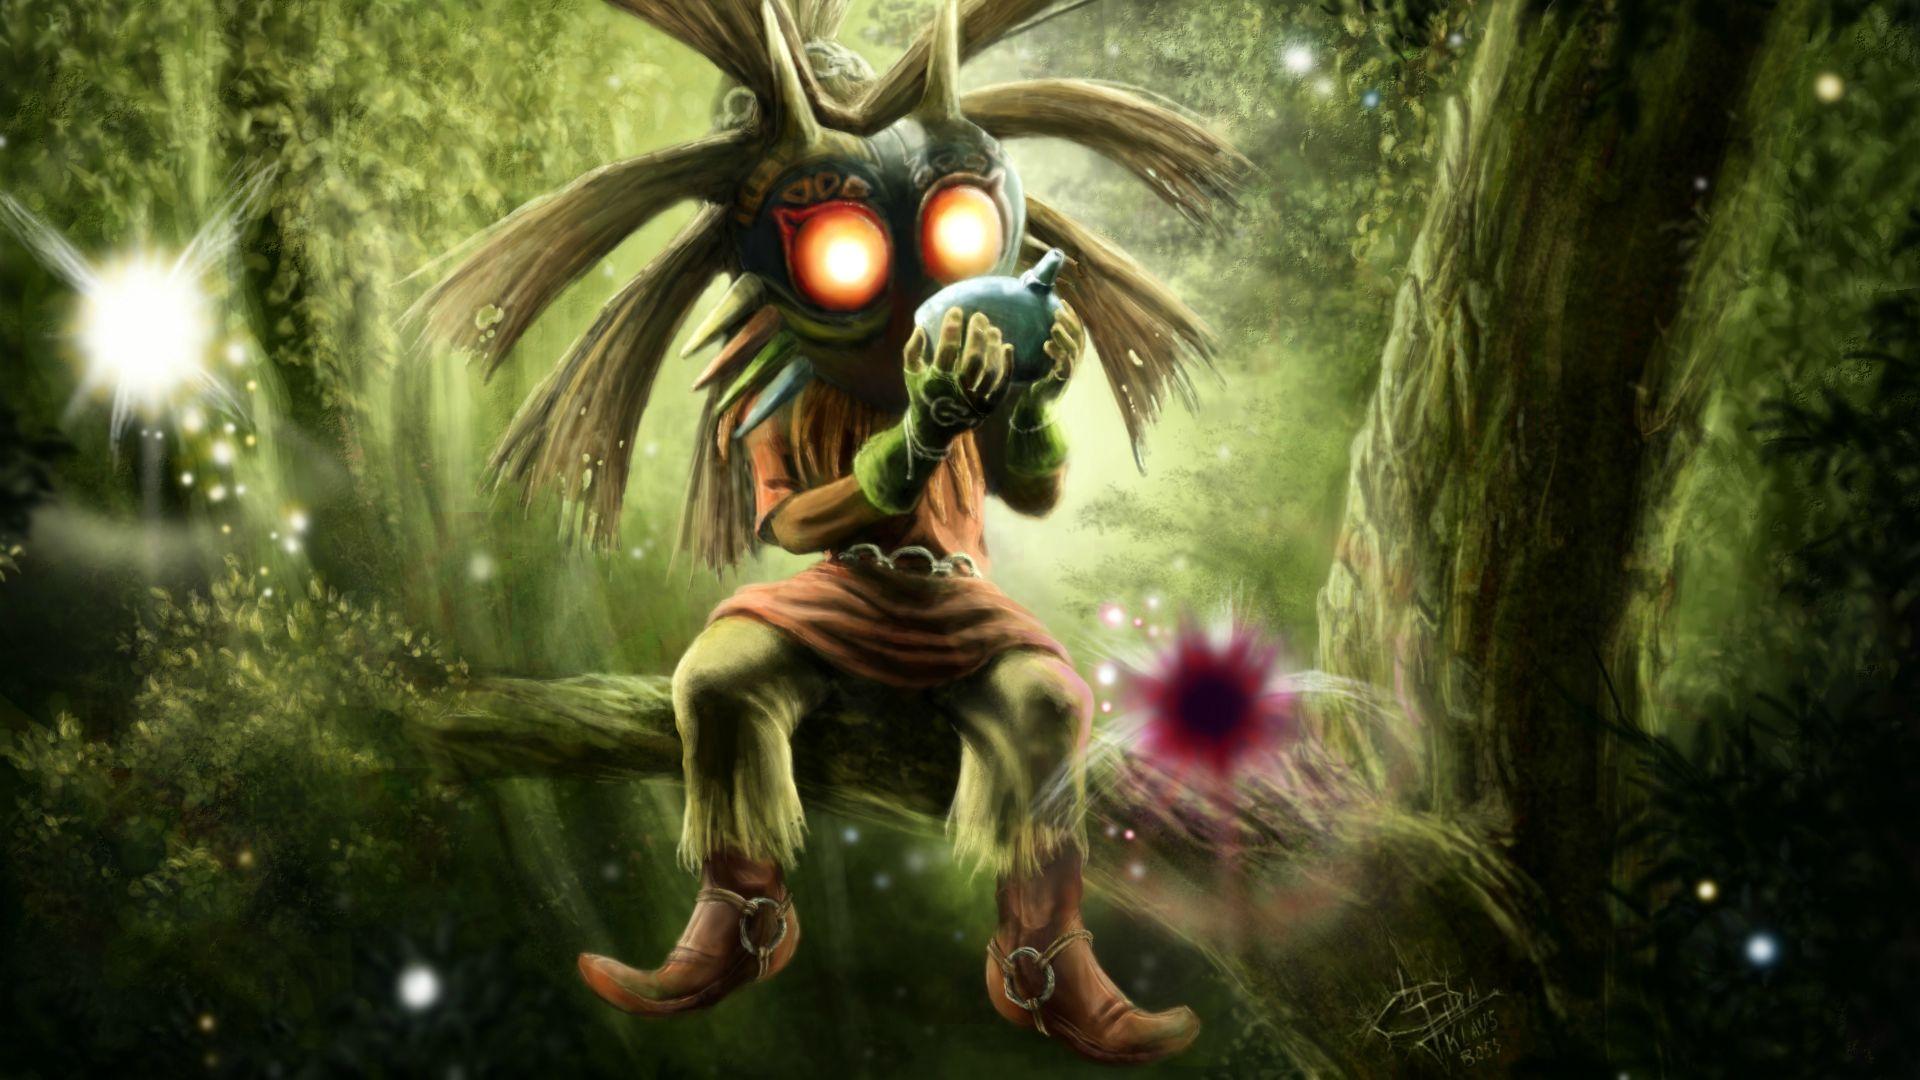 The Legend Of Zelda Majoras Mask Skull Kid Video Games